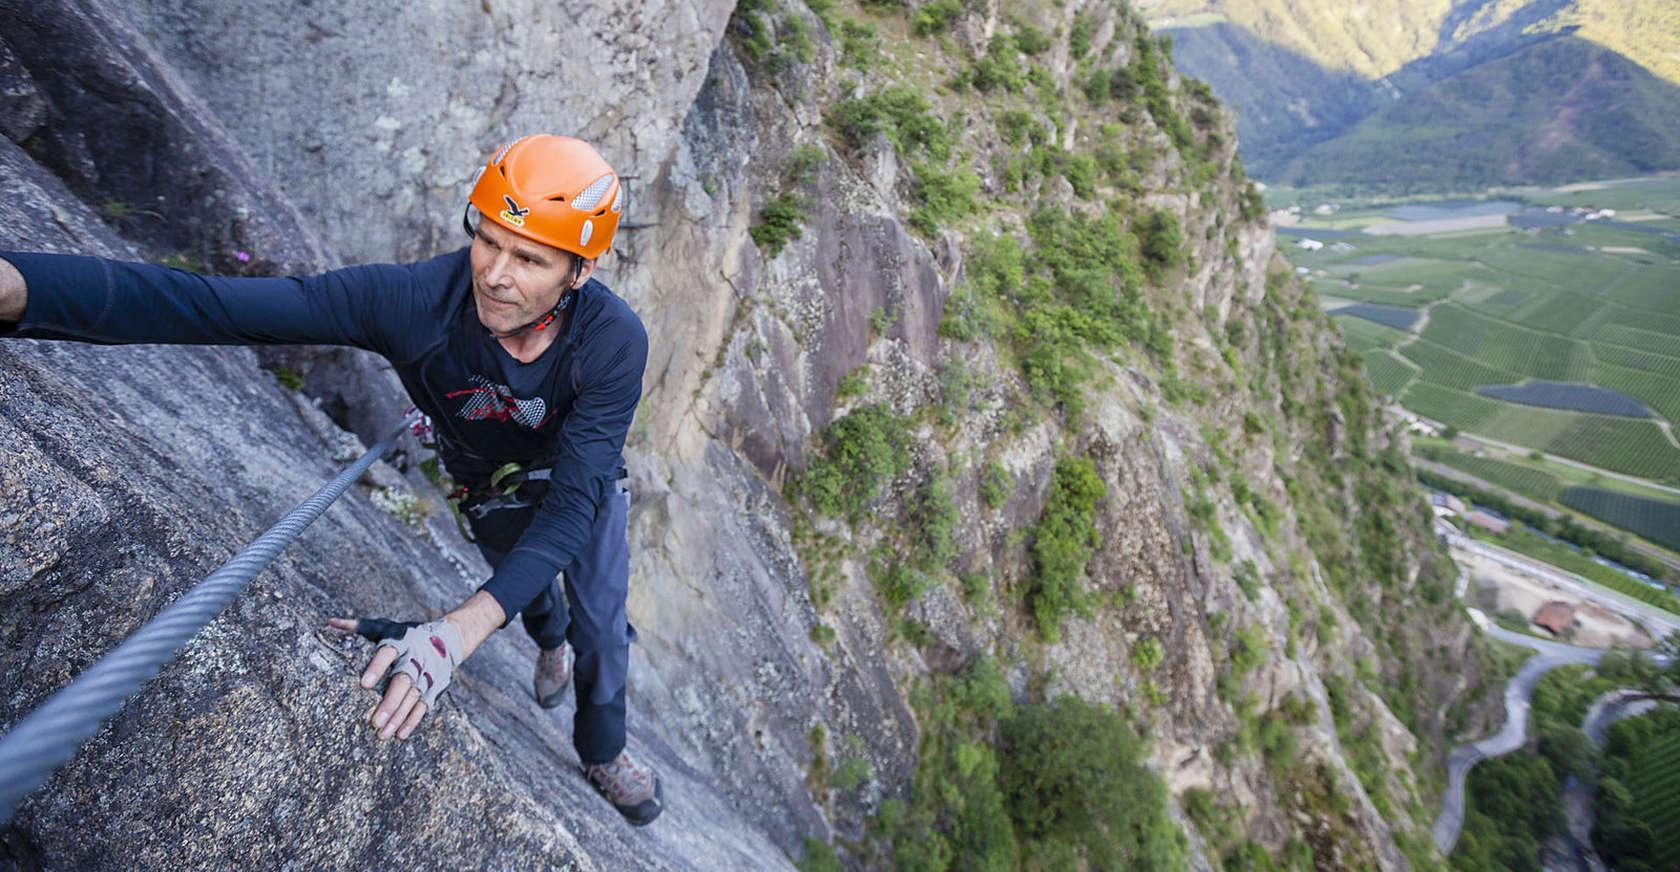 Klettersteig Meran : Klettern in südtirol: der heini holzer klettersteig